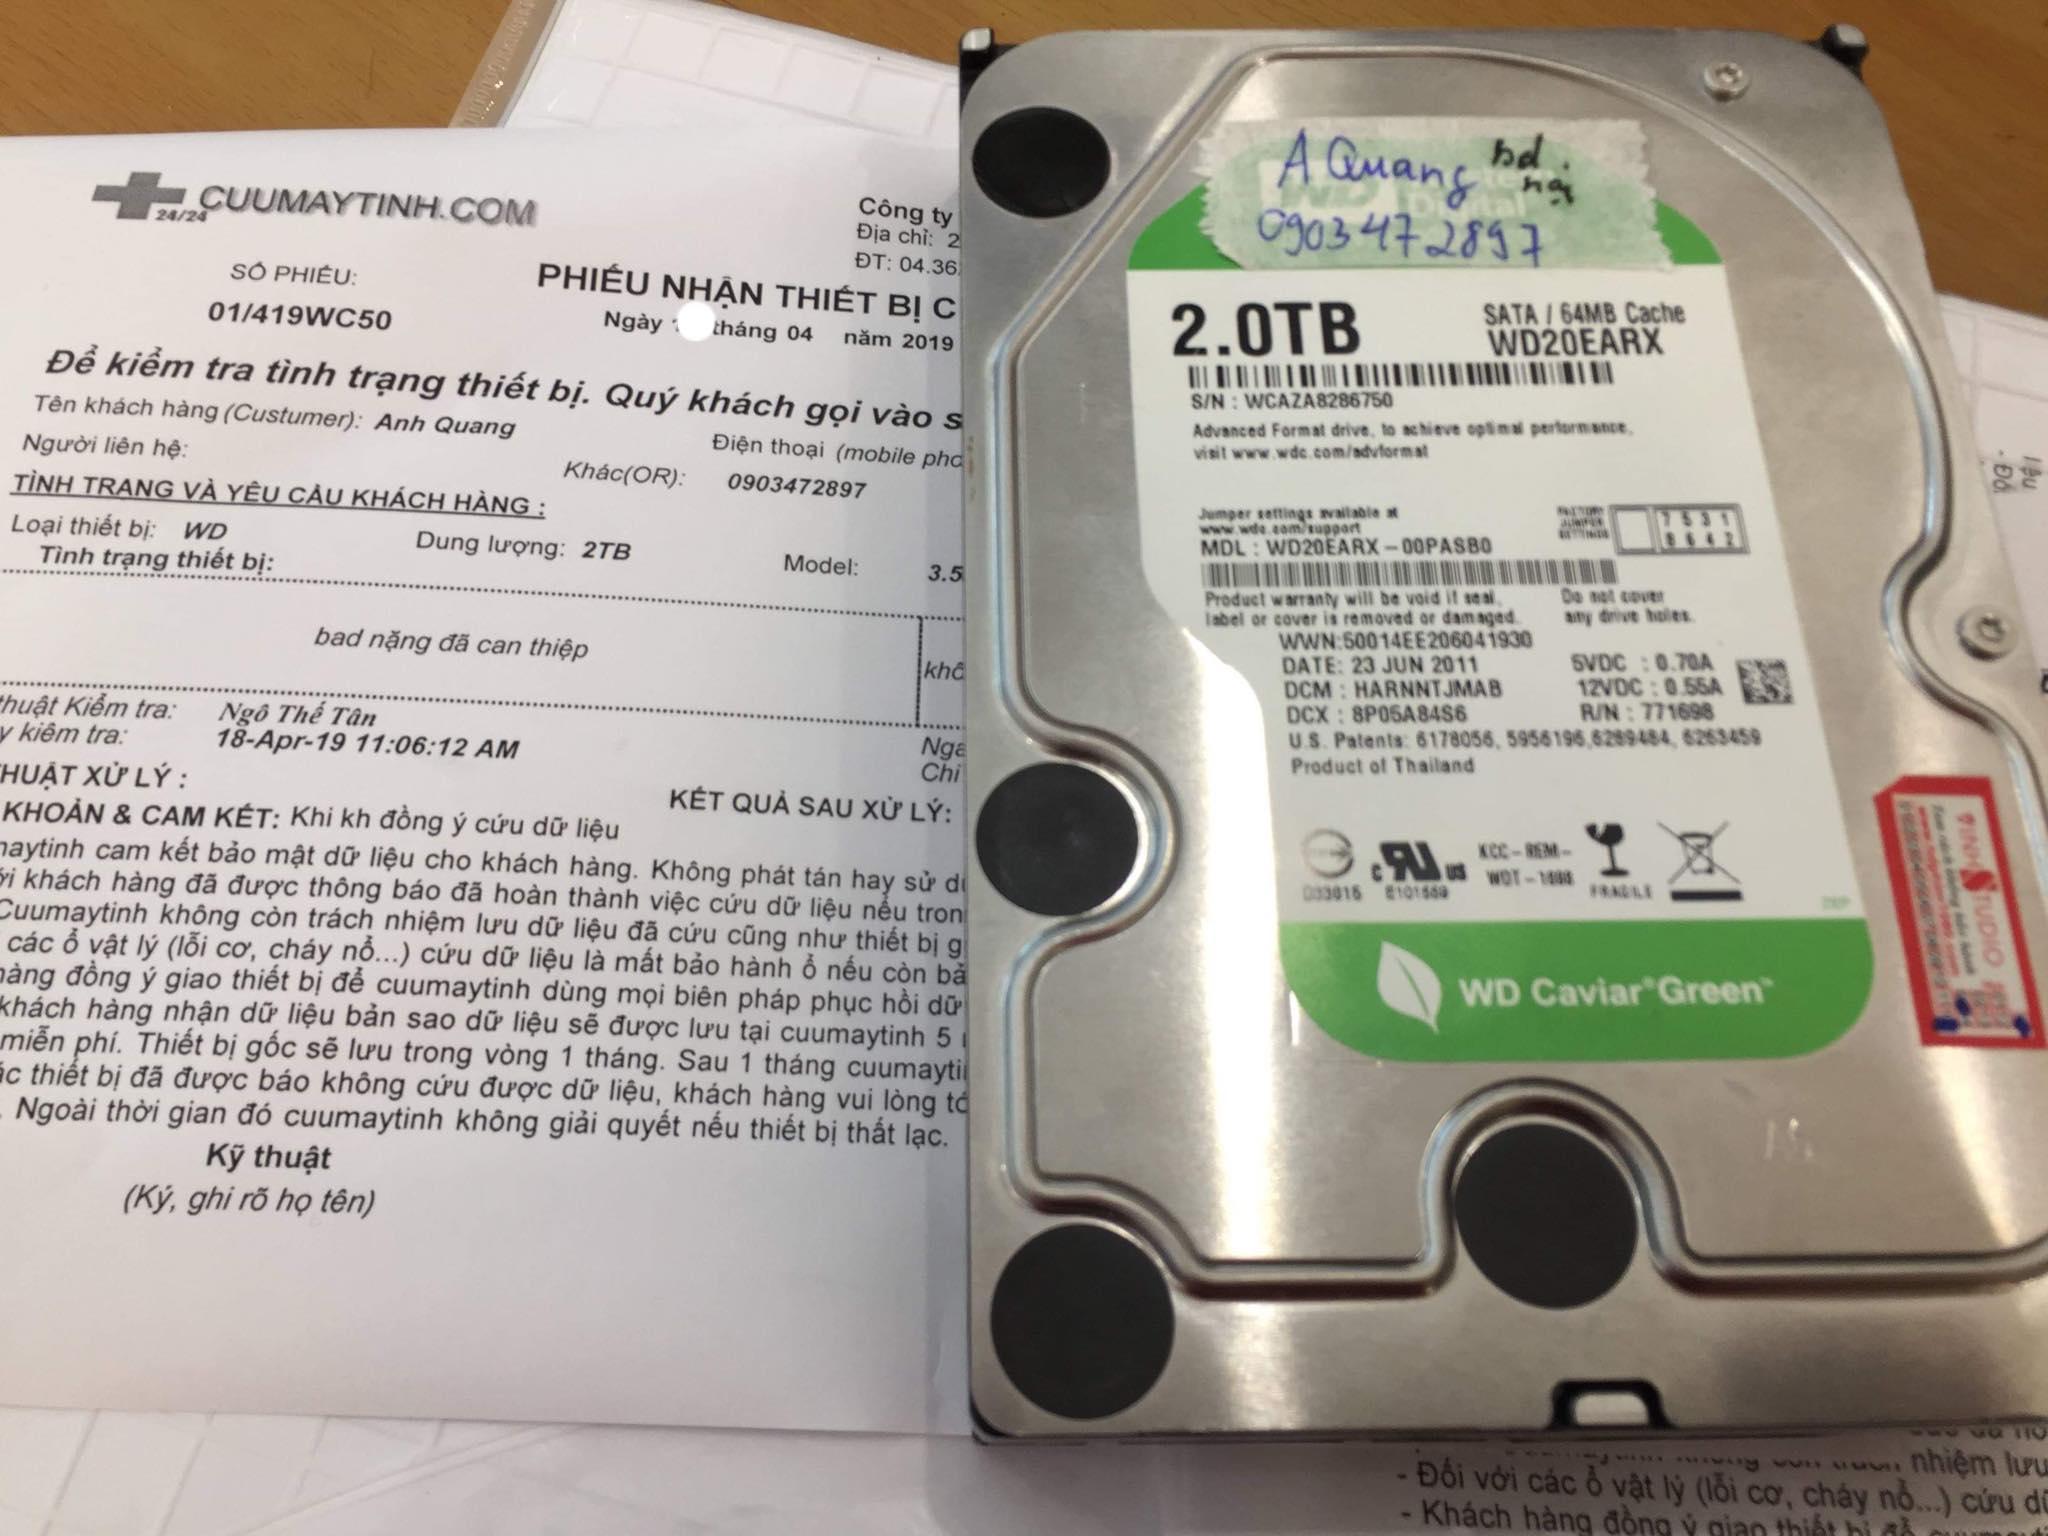 Cứu dữ liệu ổ cứng Western 2TB bad nặng 20/04/2019 - cuumaytinh